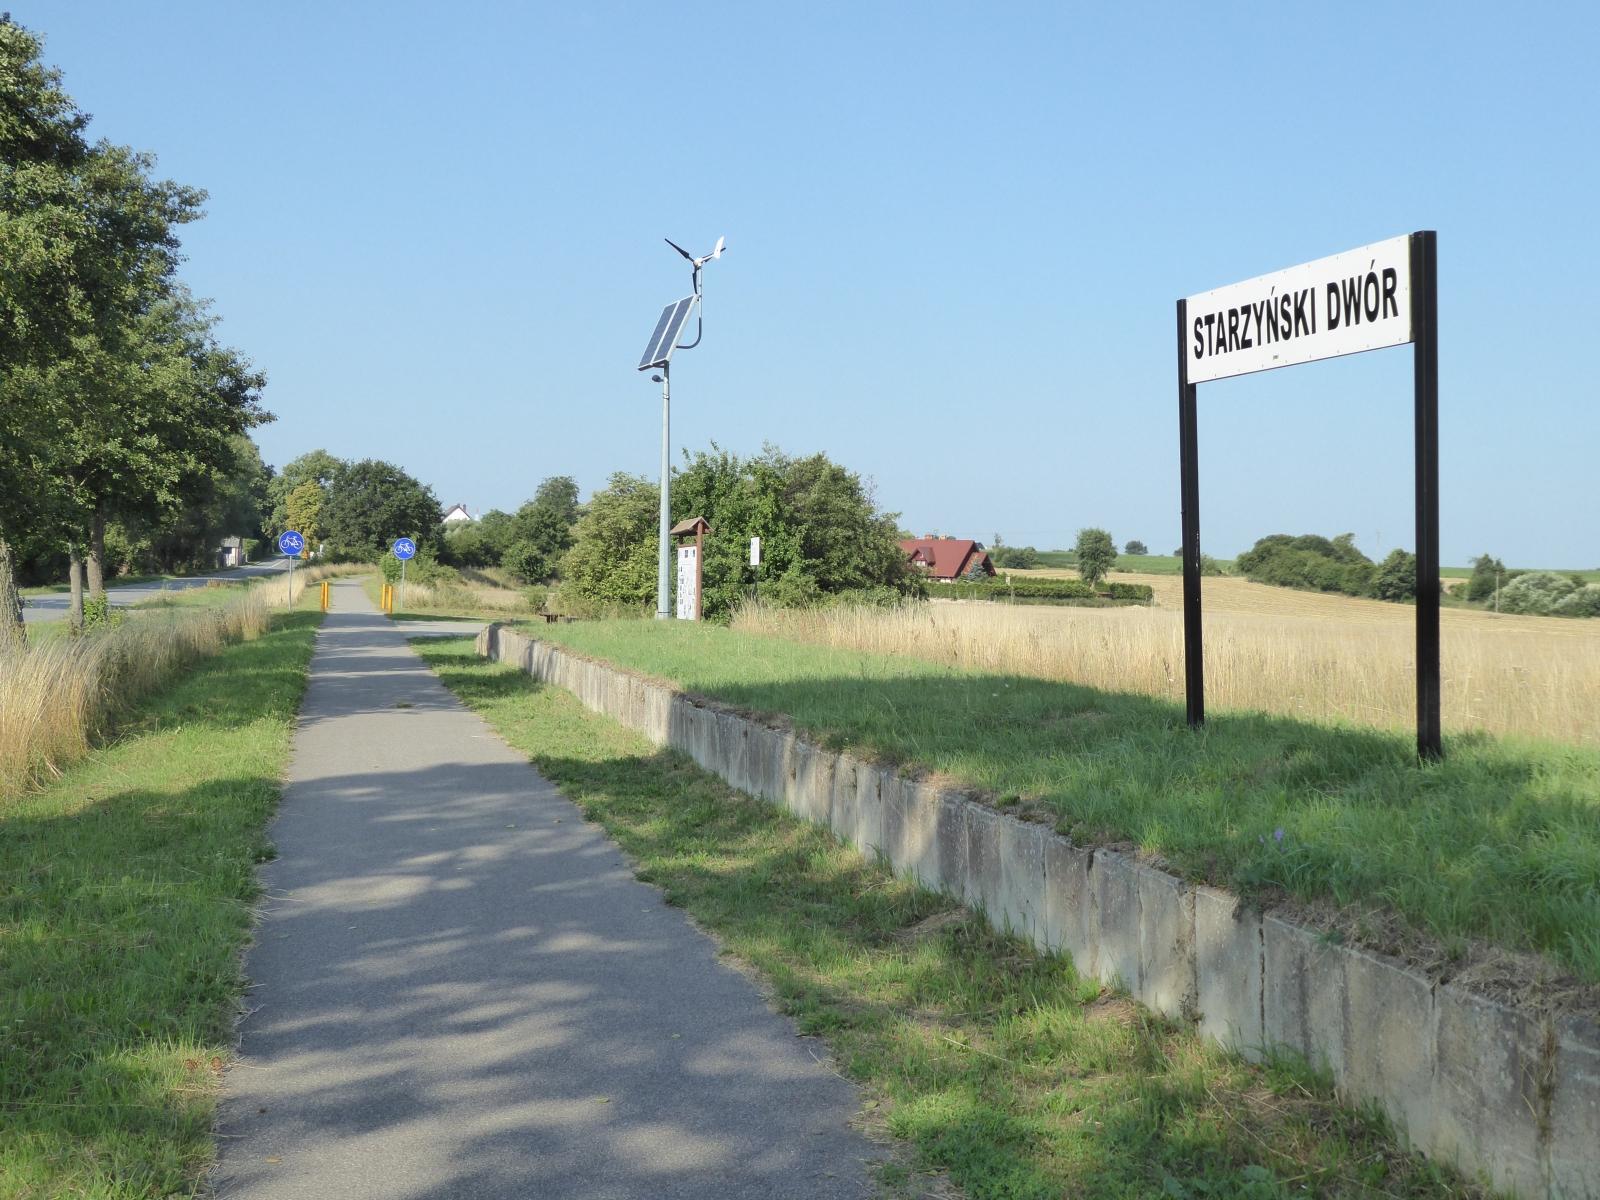 Auf der letzten Tagesetappe von Krokowa nach Hel / Danzig befuhr ich ehemalige Gleisanlagen, die zu einem komfortabelen Radweg umgebaut worden waren. Hier kann man noch eine ehemalige Station erkennen.